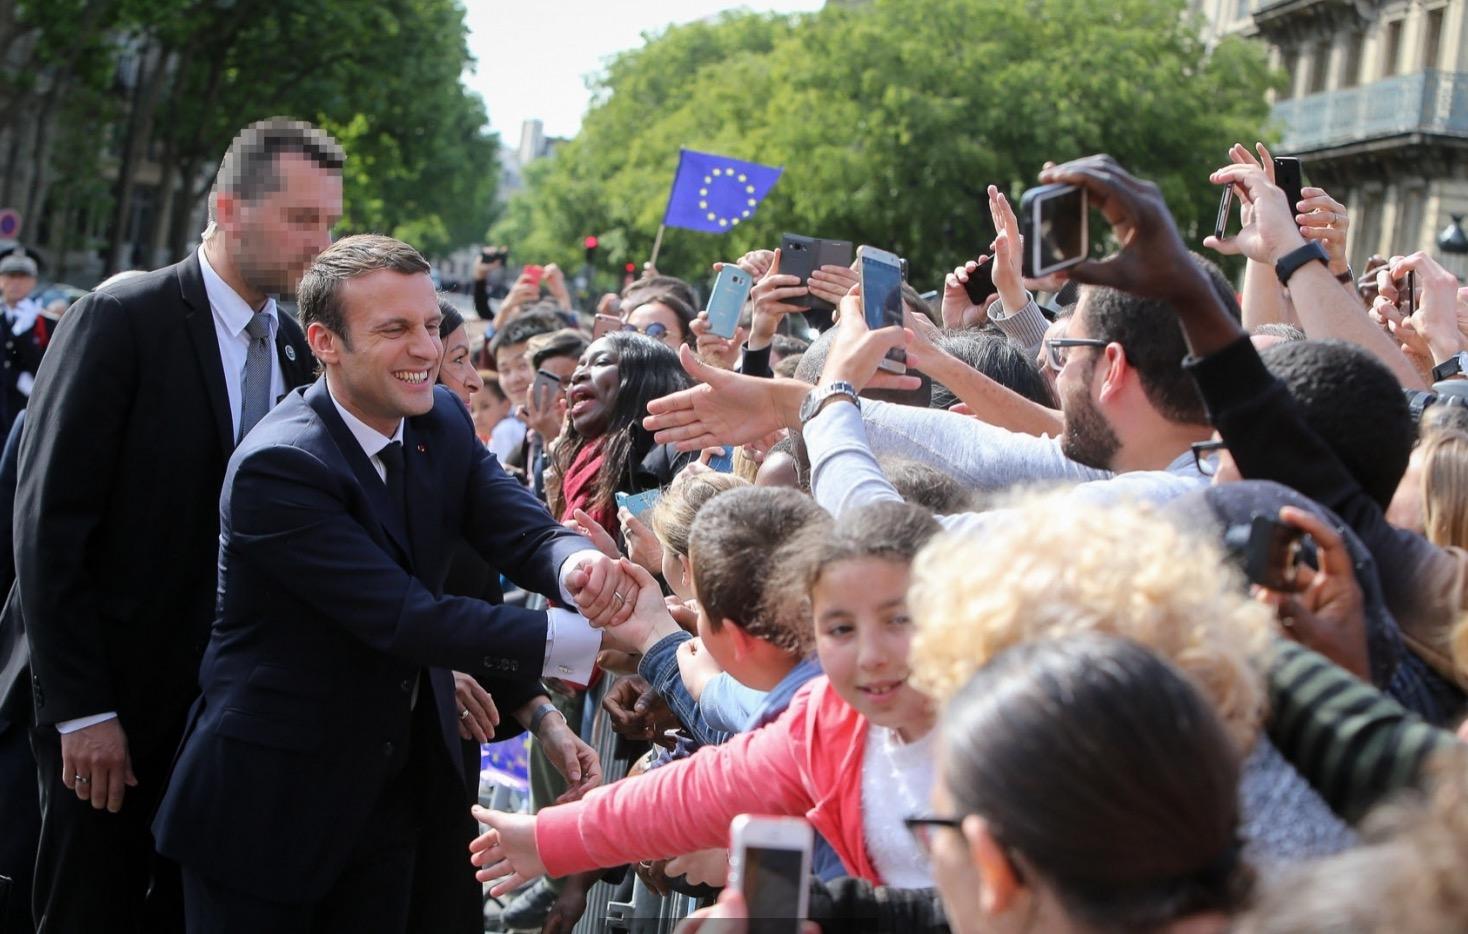 Macrón saluda a sus partidarios (Fto. presidencia)